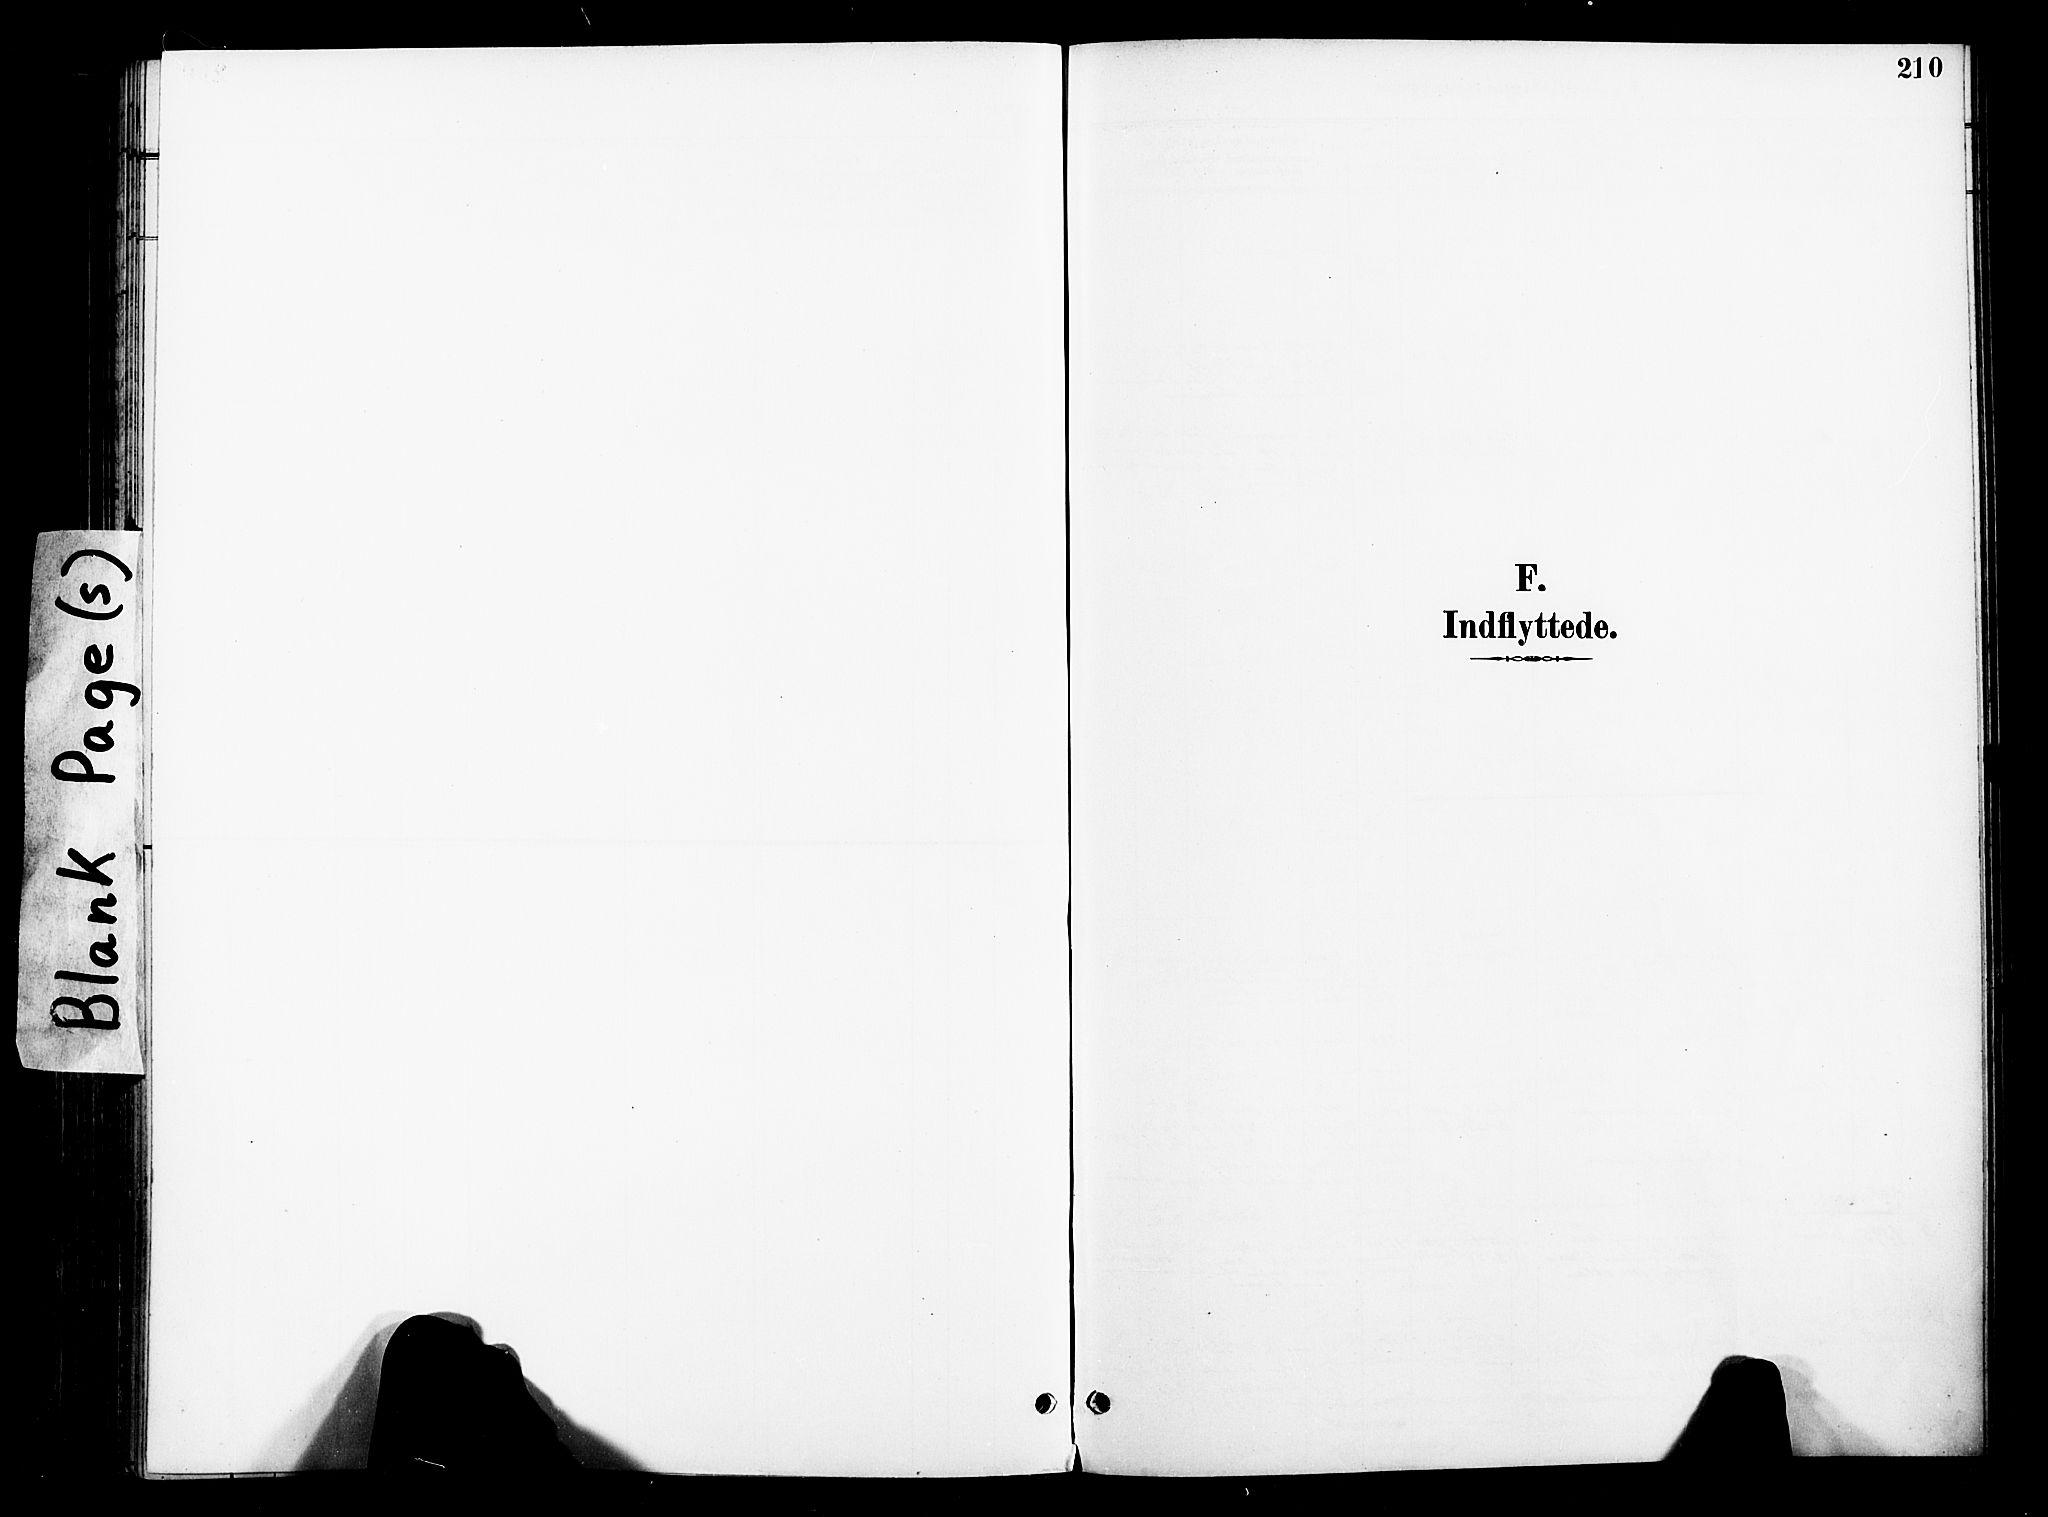 SAT, Ministerialprotokoller, klokkerbøker og fødselsregistre - Nord-Trøndelag, 739/L0372: Ministerialbok nr. 739A04, 1895-1903, s. 210